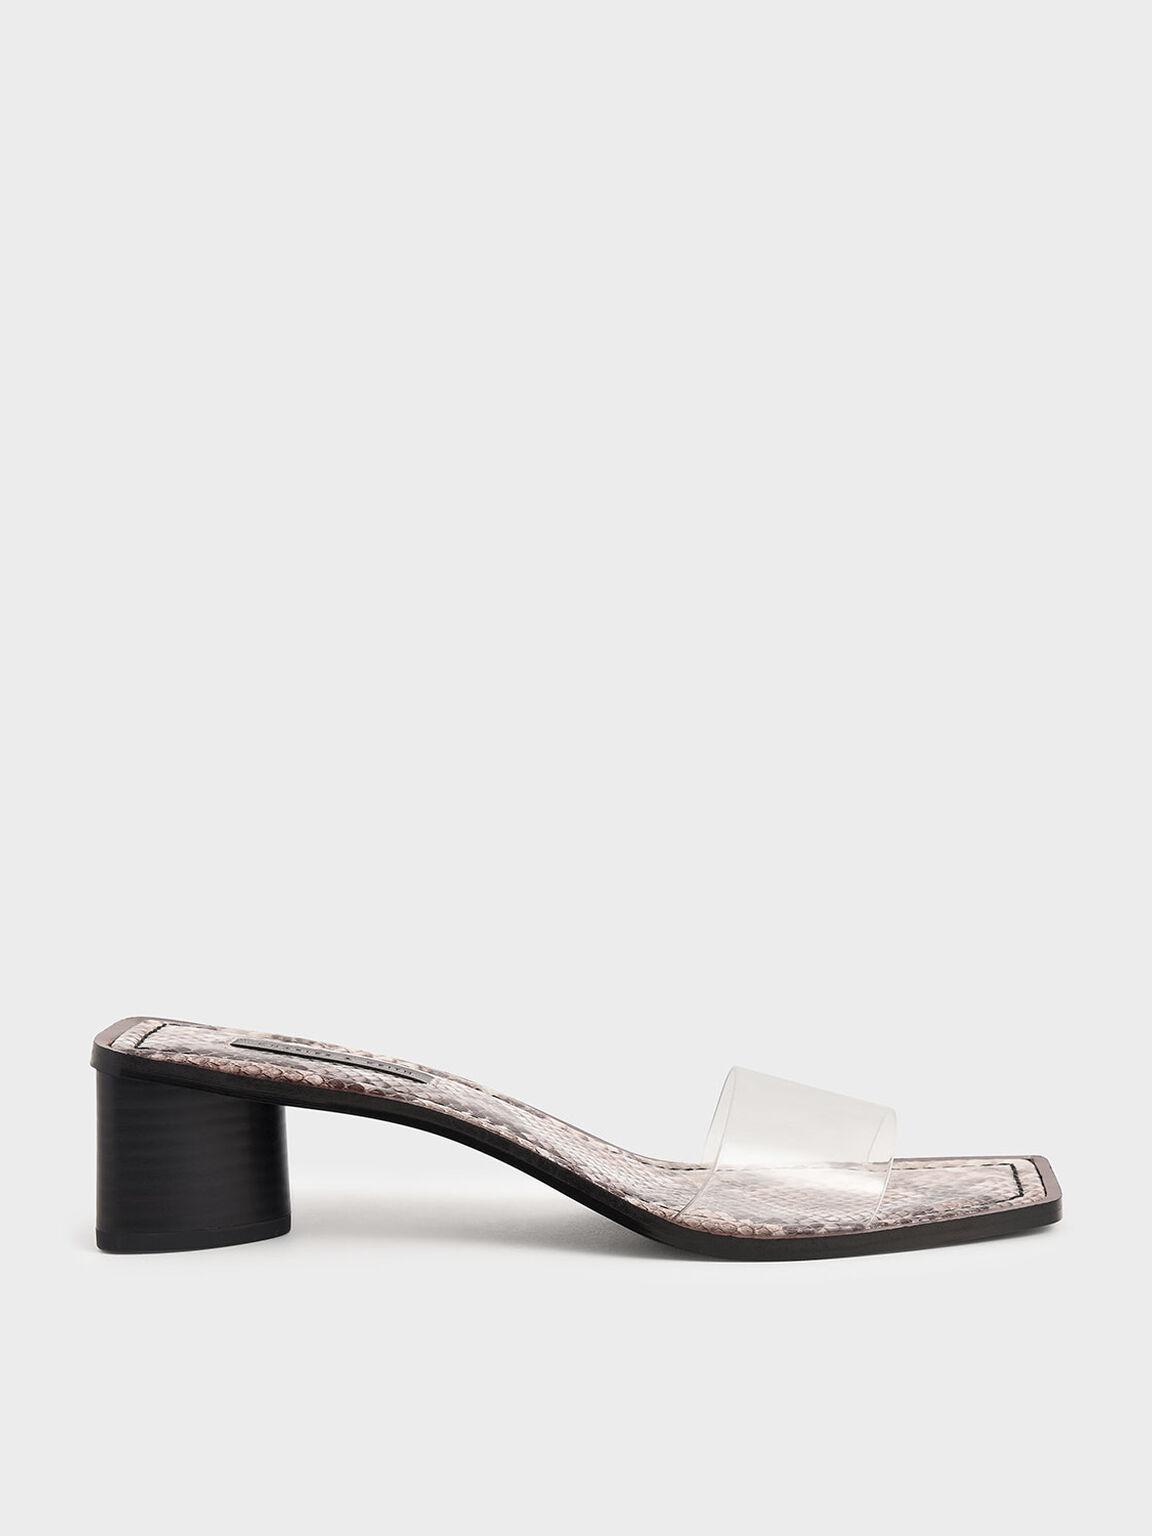 蛇紋果凍帶拖鞋, 原色動物紋, hi-res